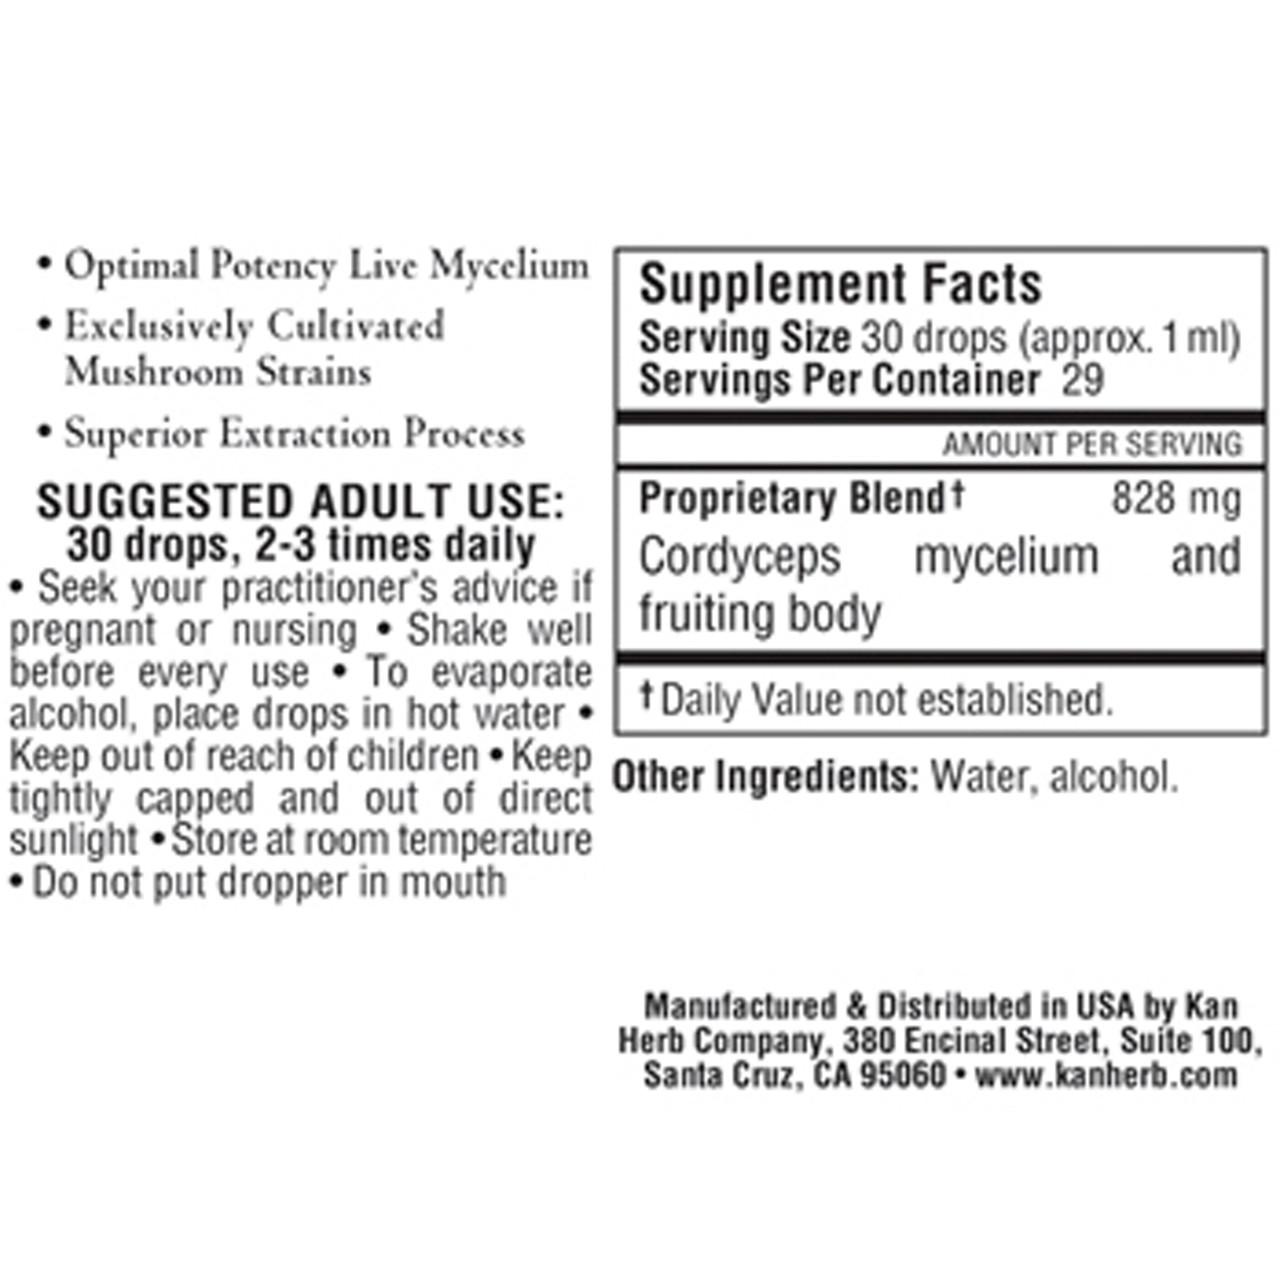 MycoHerb by Kan Cordyceps ingredients